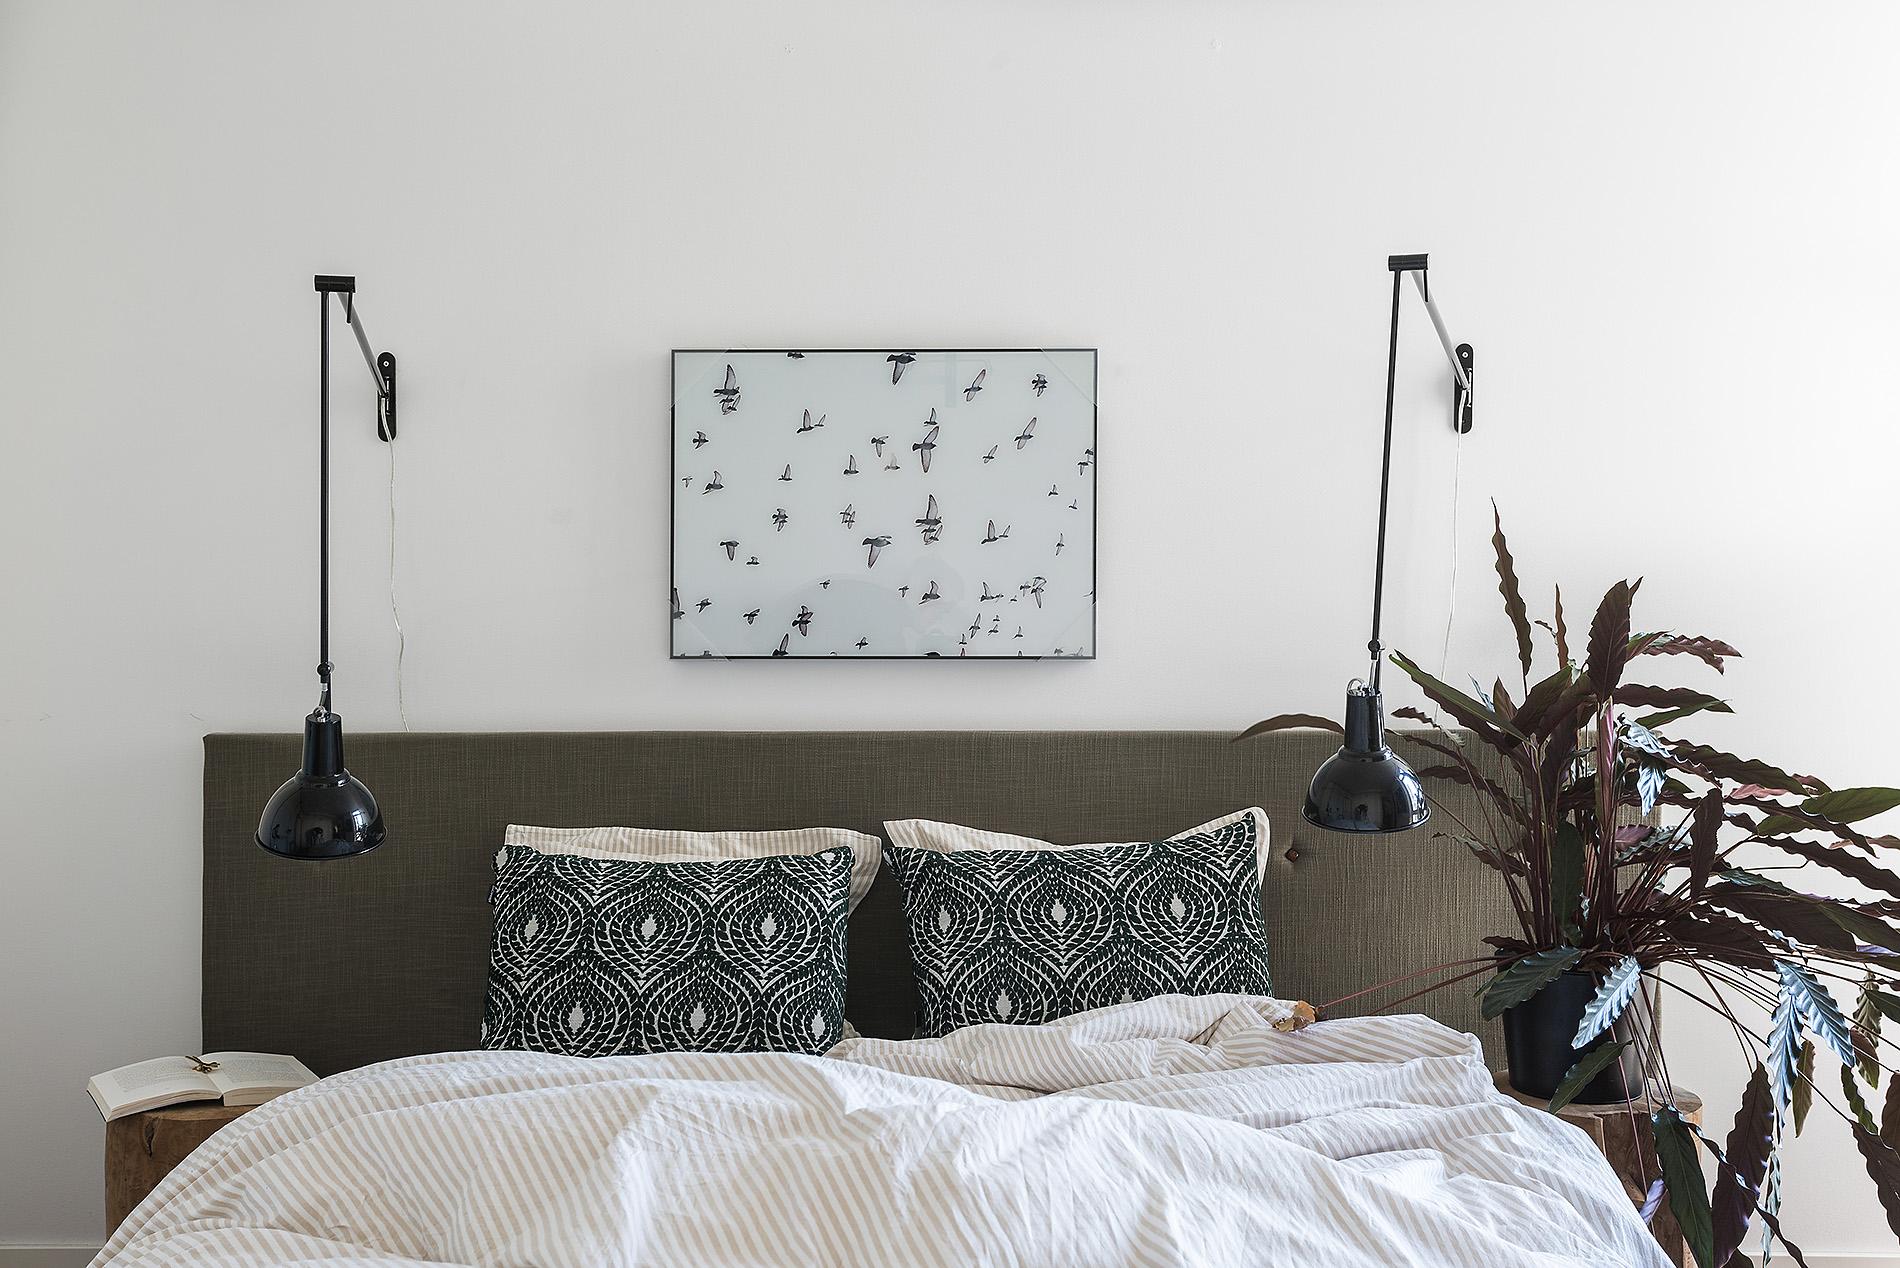 Inrichting Slaapkamer Modern : Slaapkamer inrichten interieur inrichting